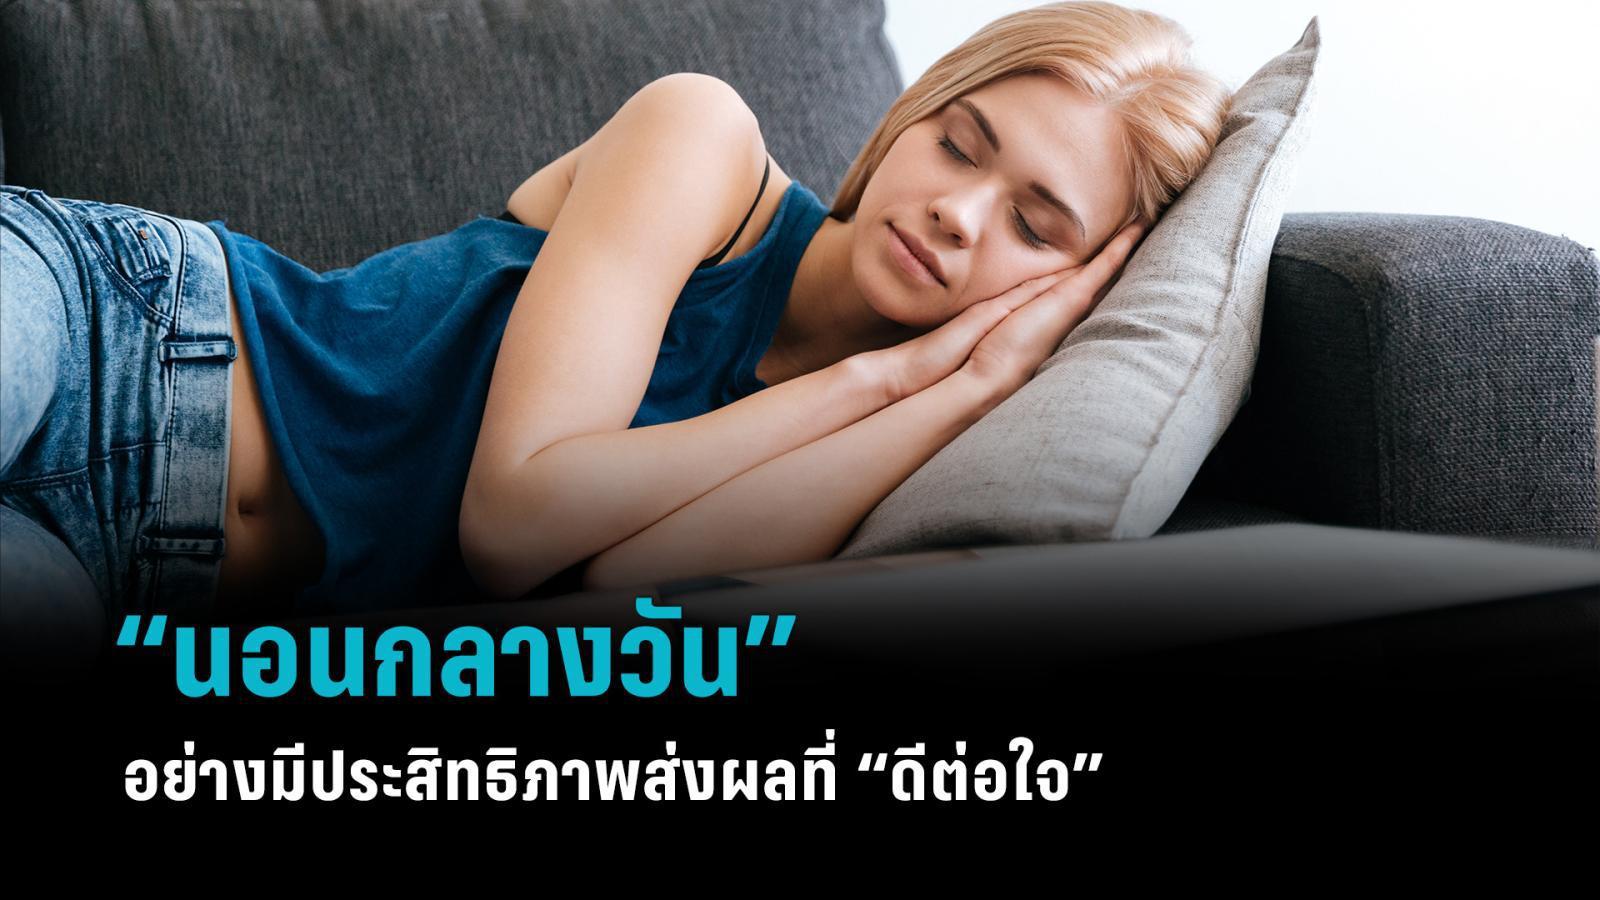 """""""นอนกลางวัน"""" อย่างมีประสิทธิภาพ ส่งผลที่ """"ดีต่อใจ"""""""